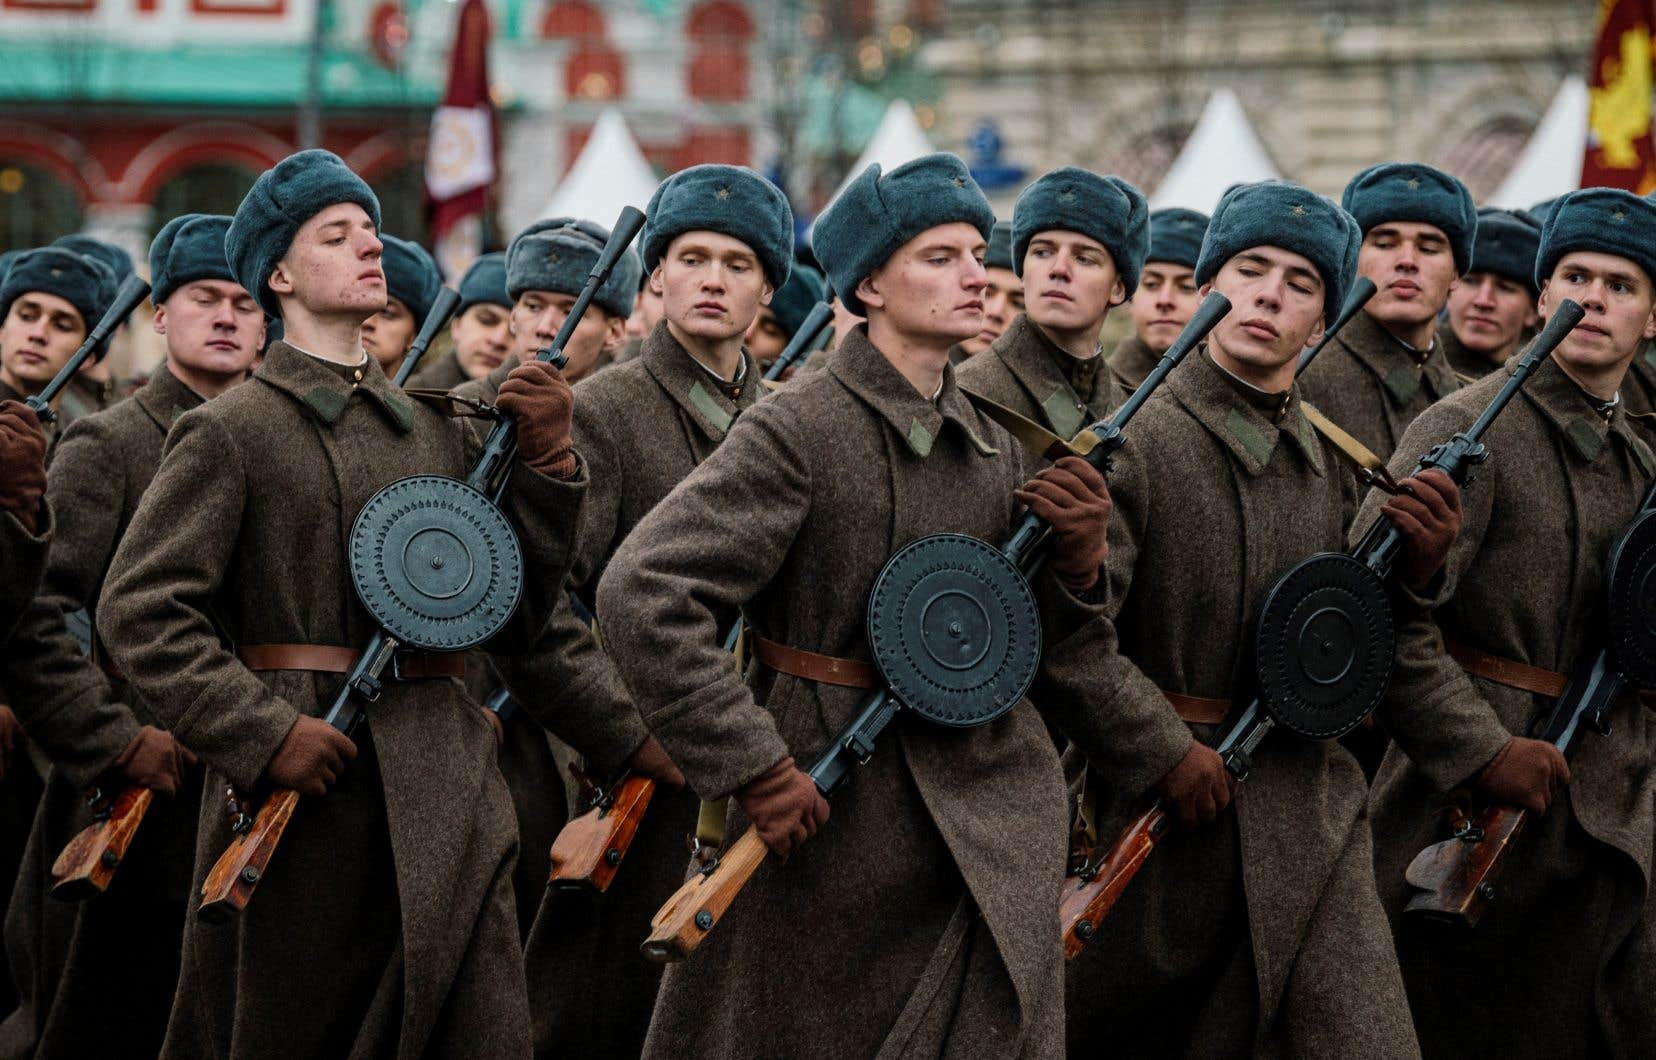 Des militaires russes vêtus d'uniformes historiques paradent pendant un défilé militaire sur la Place Rouge à Moscou le 7 novembre 2019.